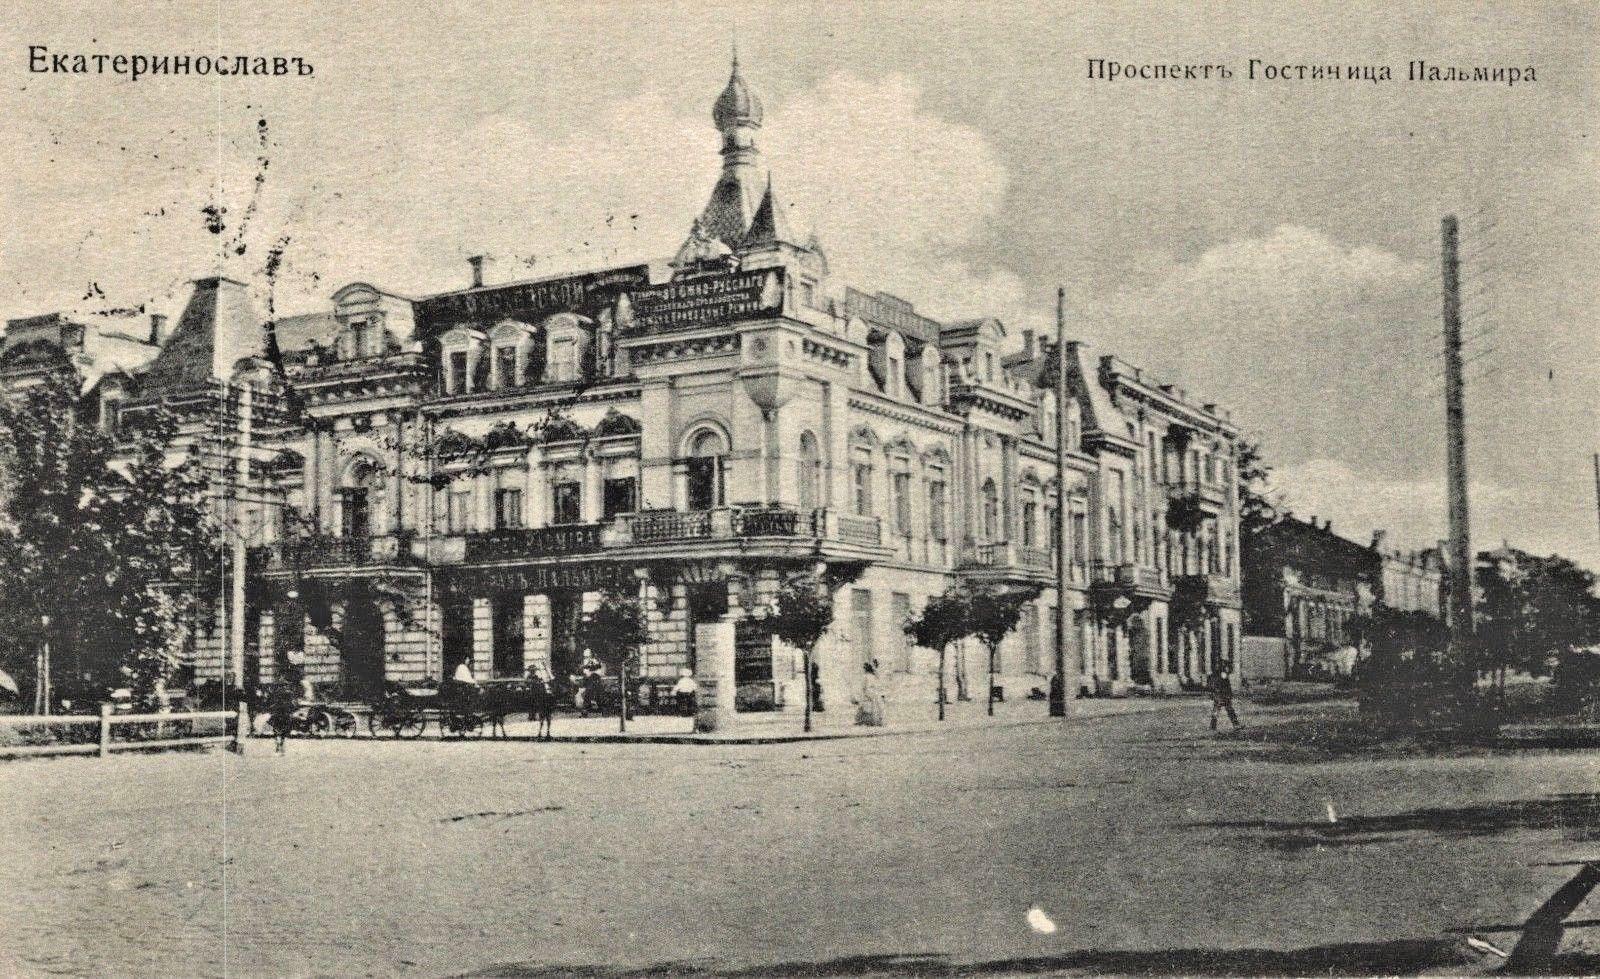 готель Пальмира Екатеринослав